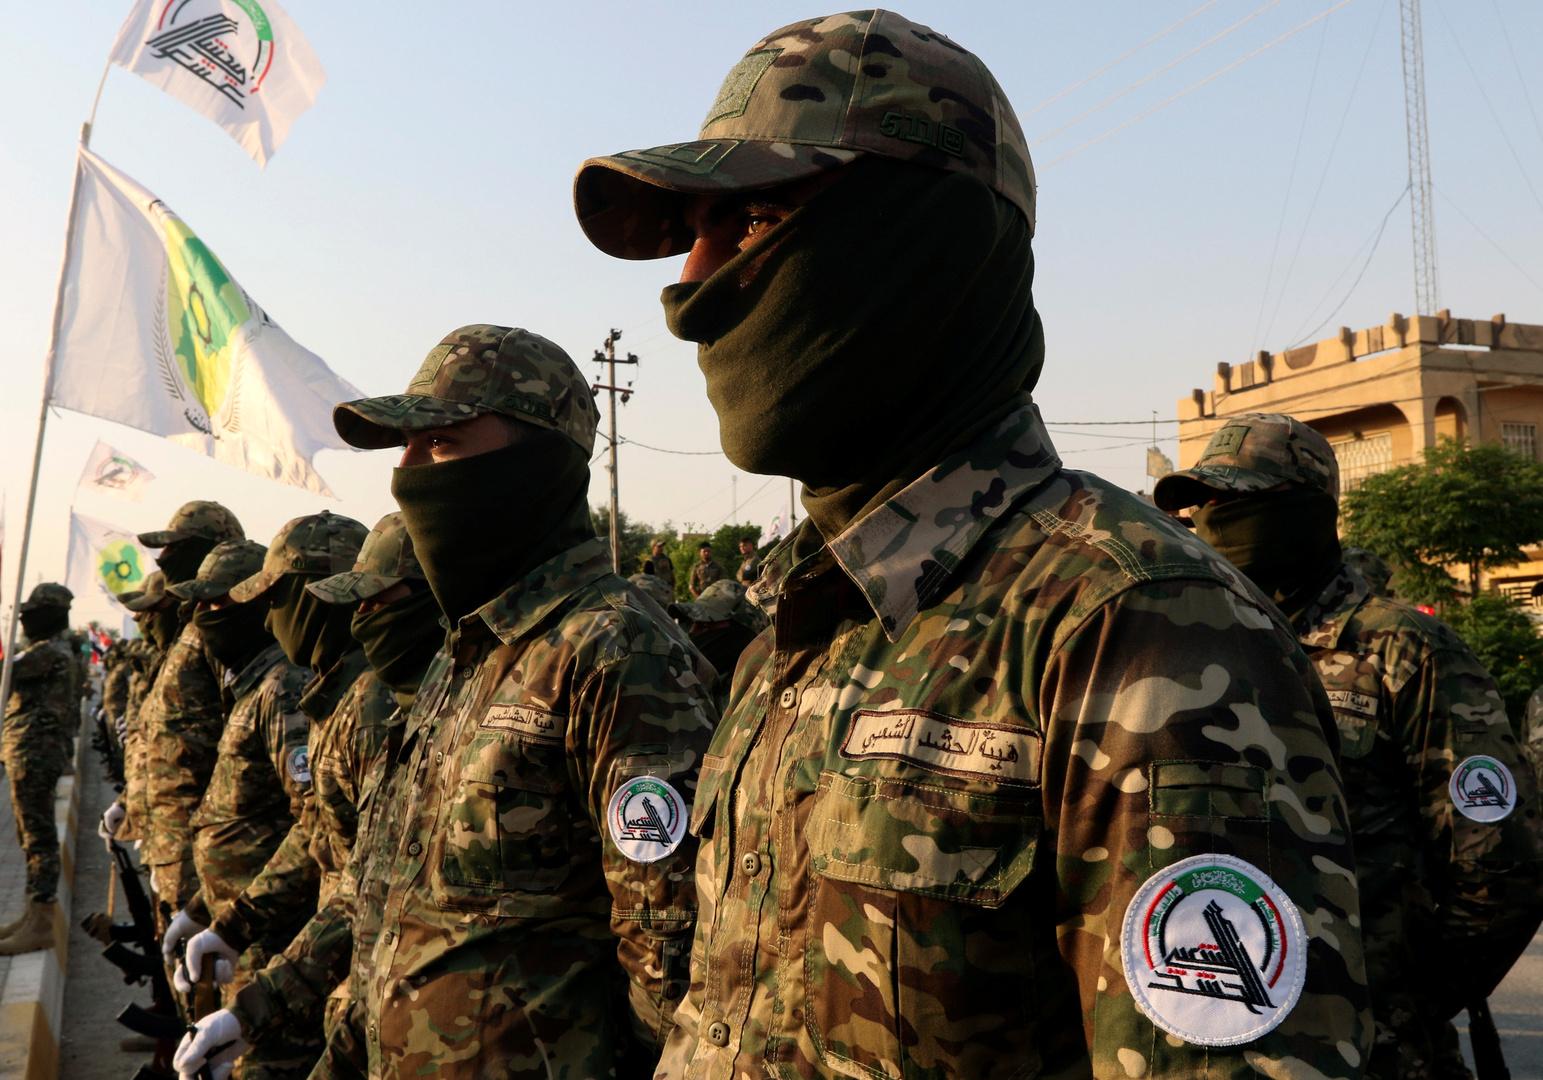 الحشد يعلن قتل المجموعة المسؤولة عن اغتيال قائد الفرقة الرابعة بالشرطة العراقية